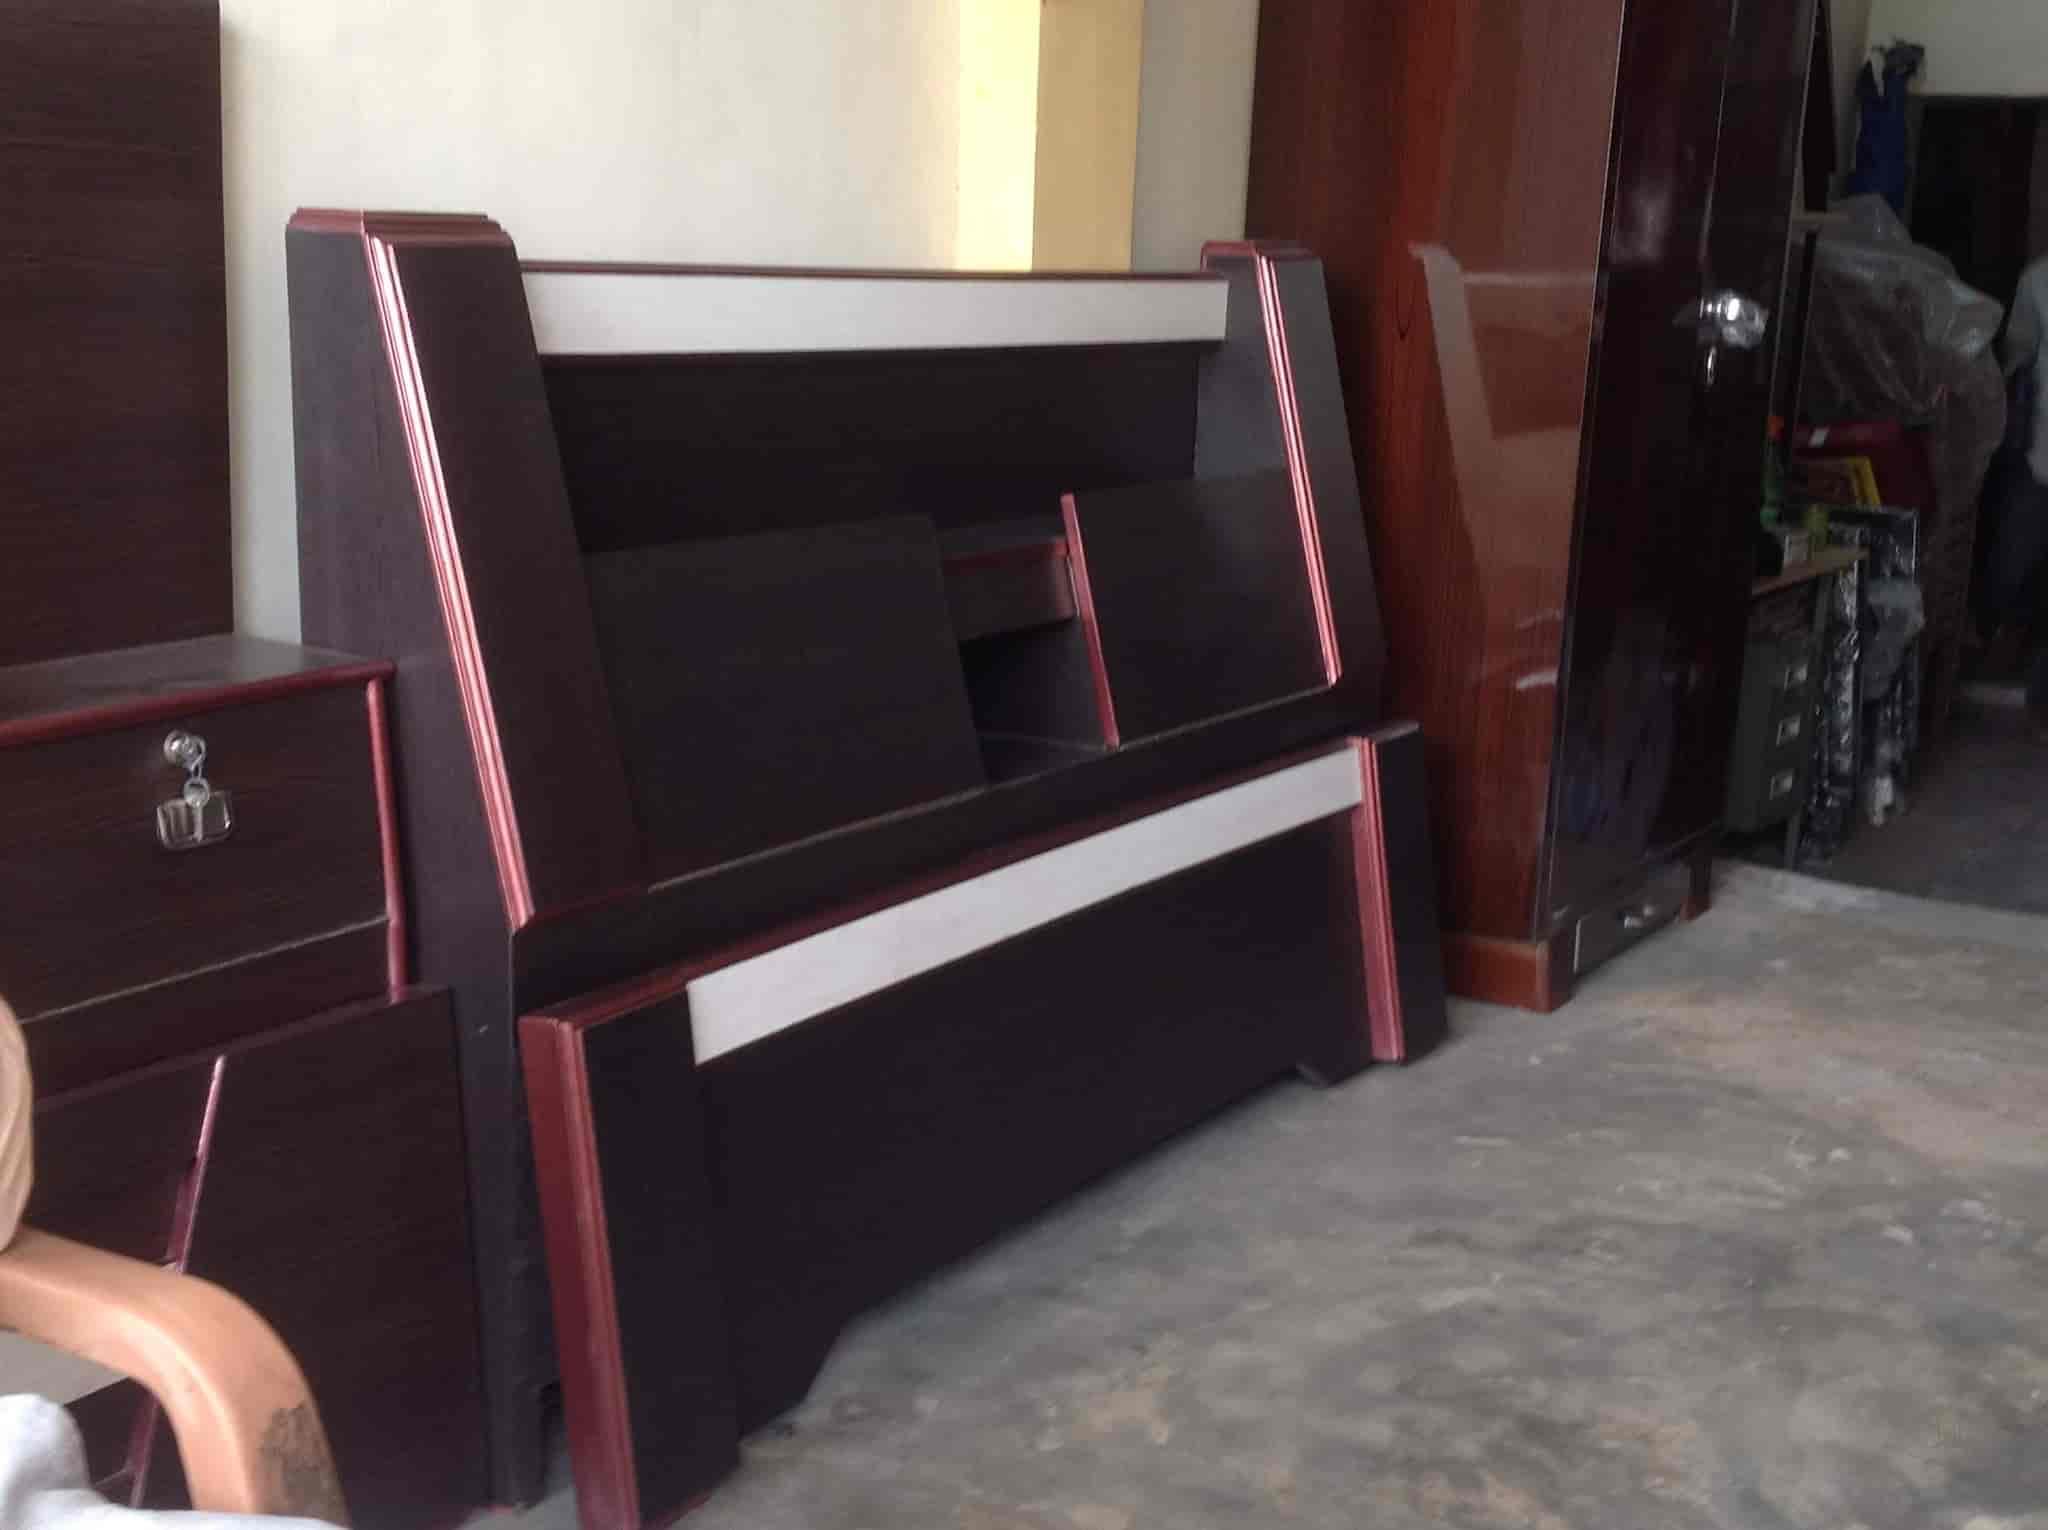 Calcutta modern furniture works hasanpura furniture dealers in jaipur justdial